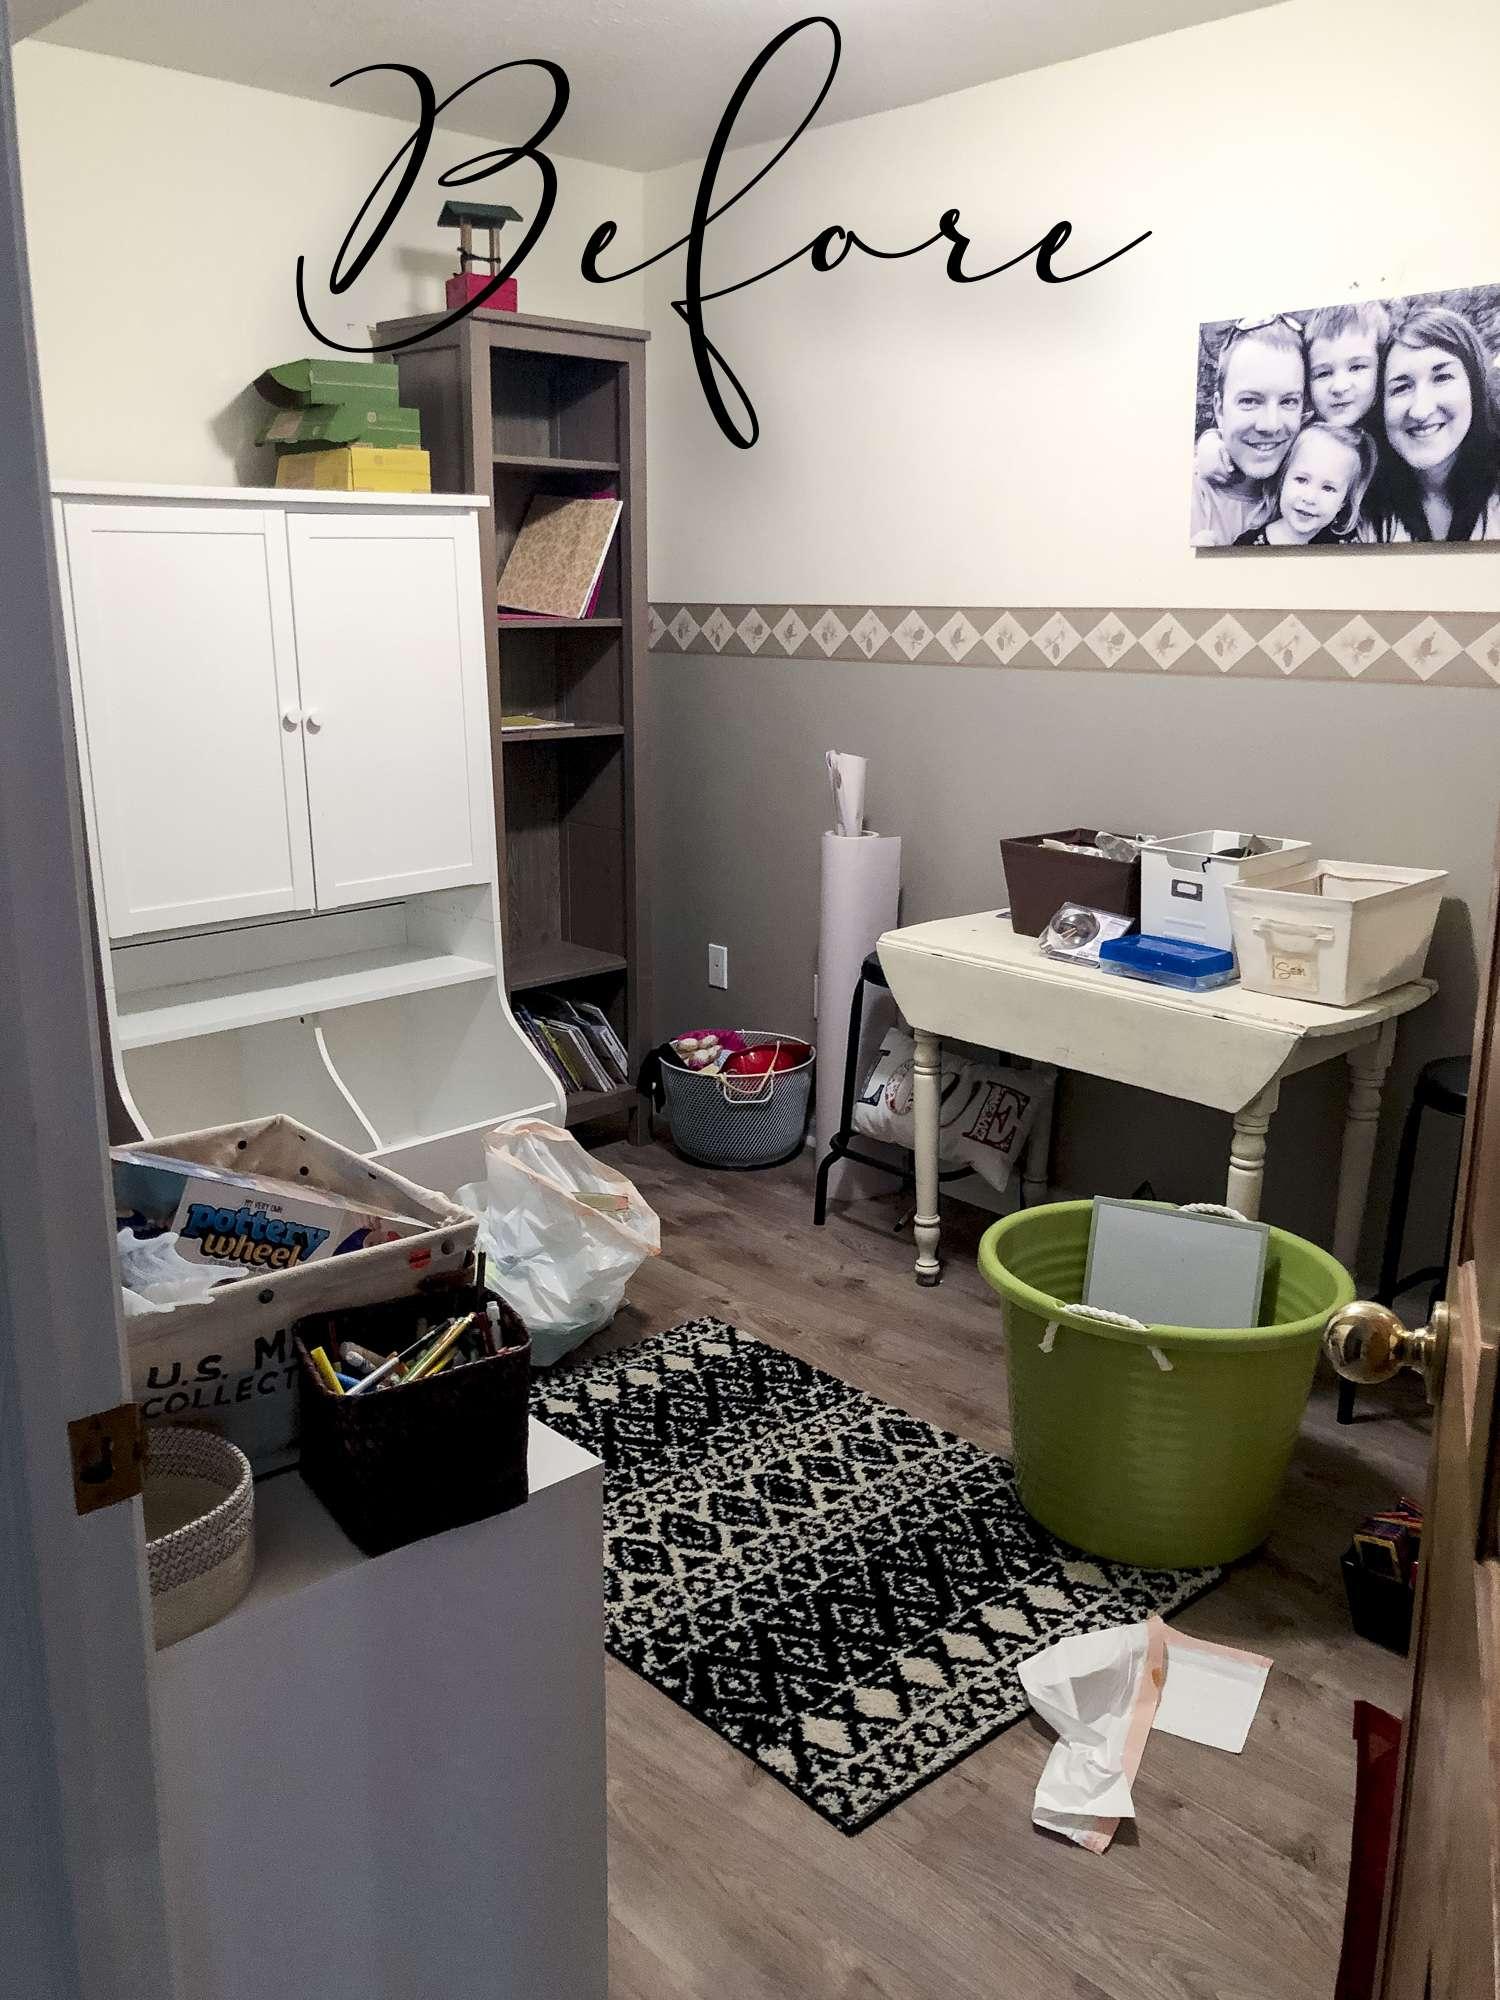 Kid's playroom before